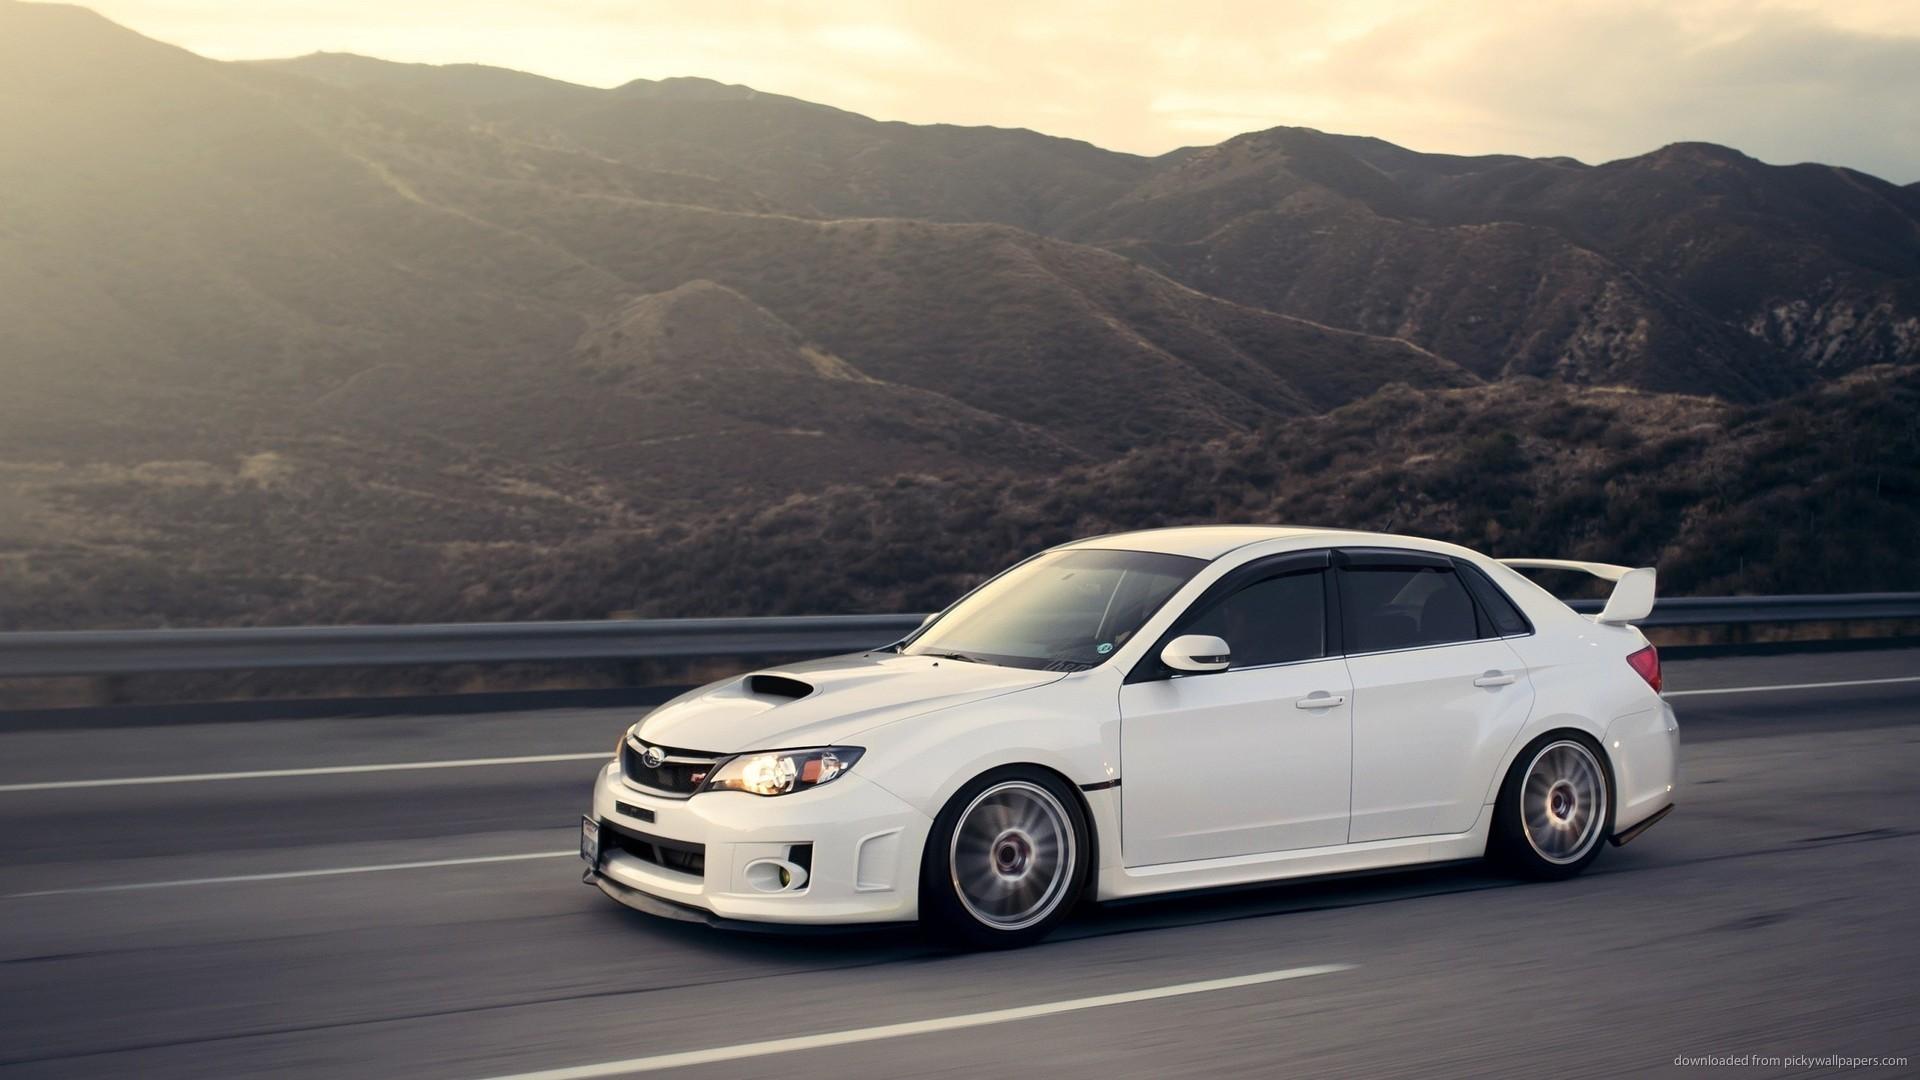 Subaru Impreza WRX STI S206 picture